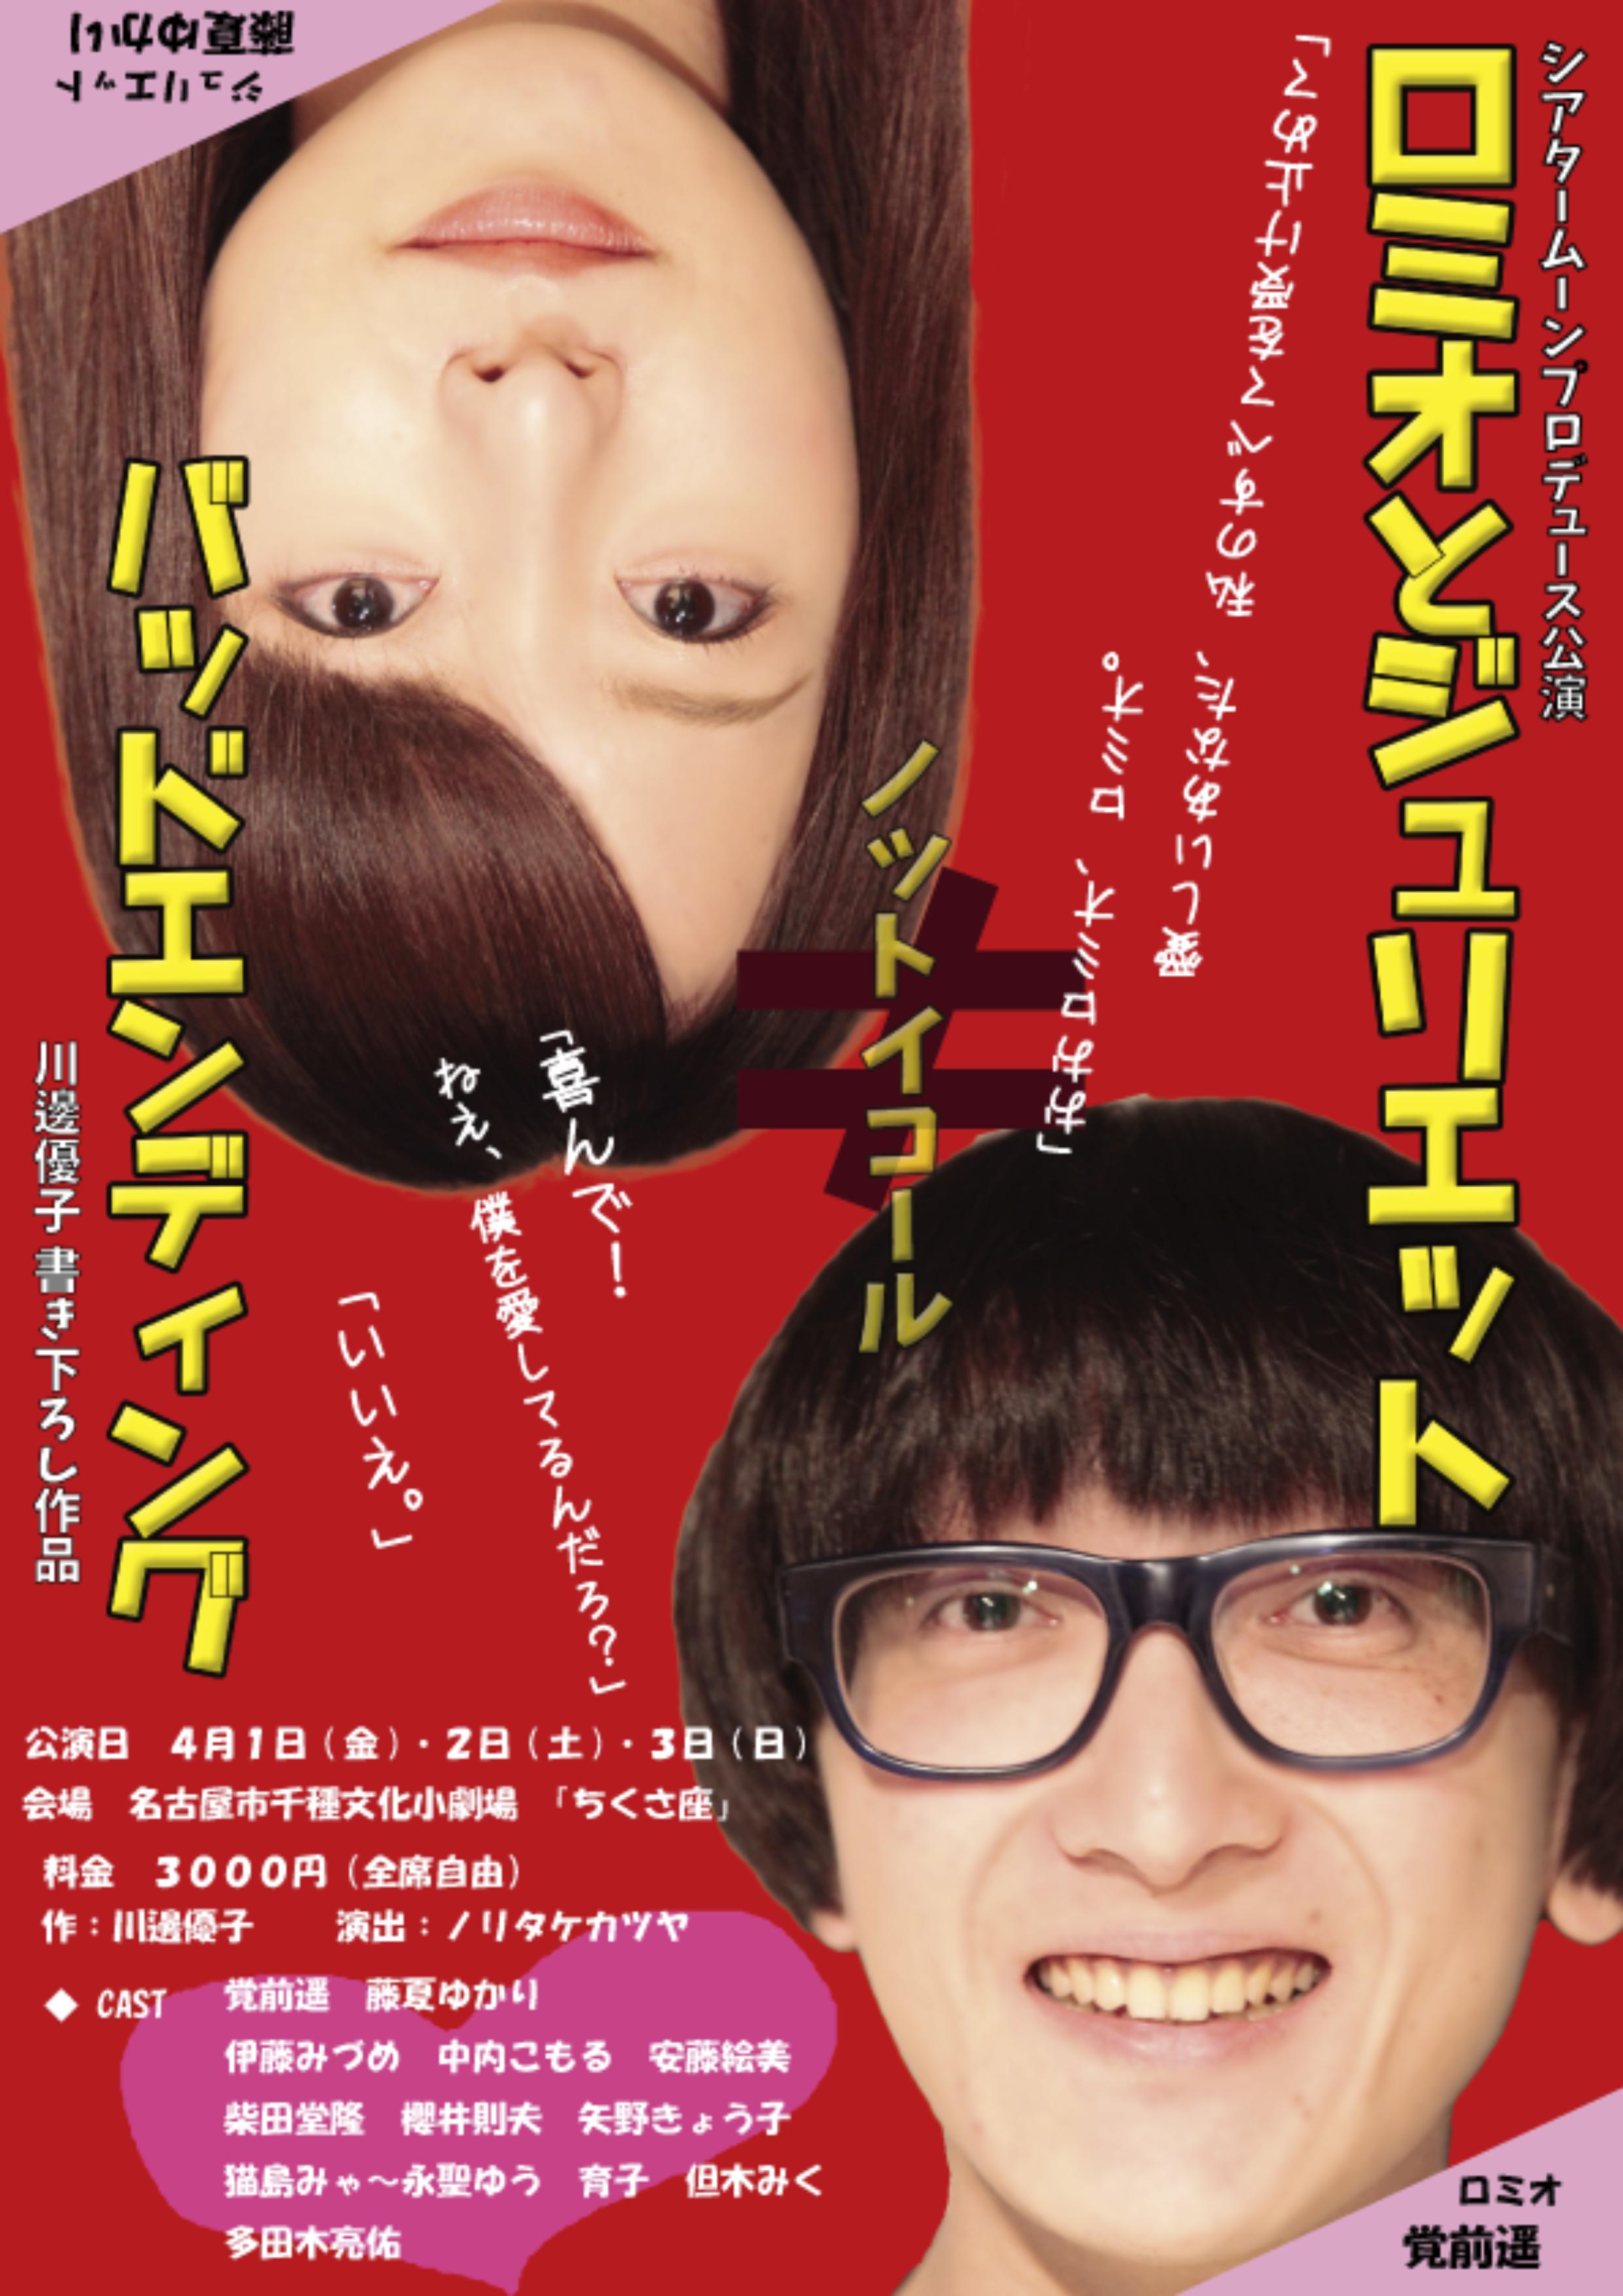 シアタームーンプロデュース公演『ロミオとジュリエット≠バッドエンディング』 提供:シアタームーン